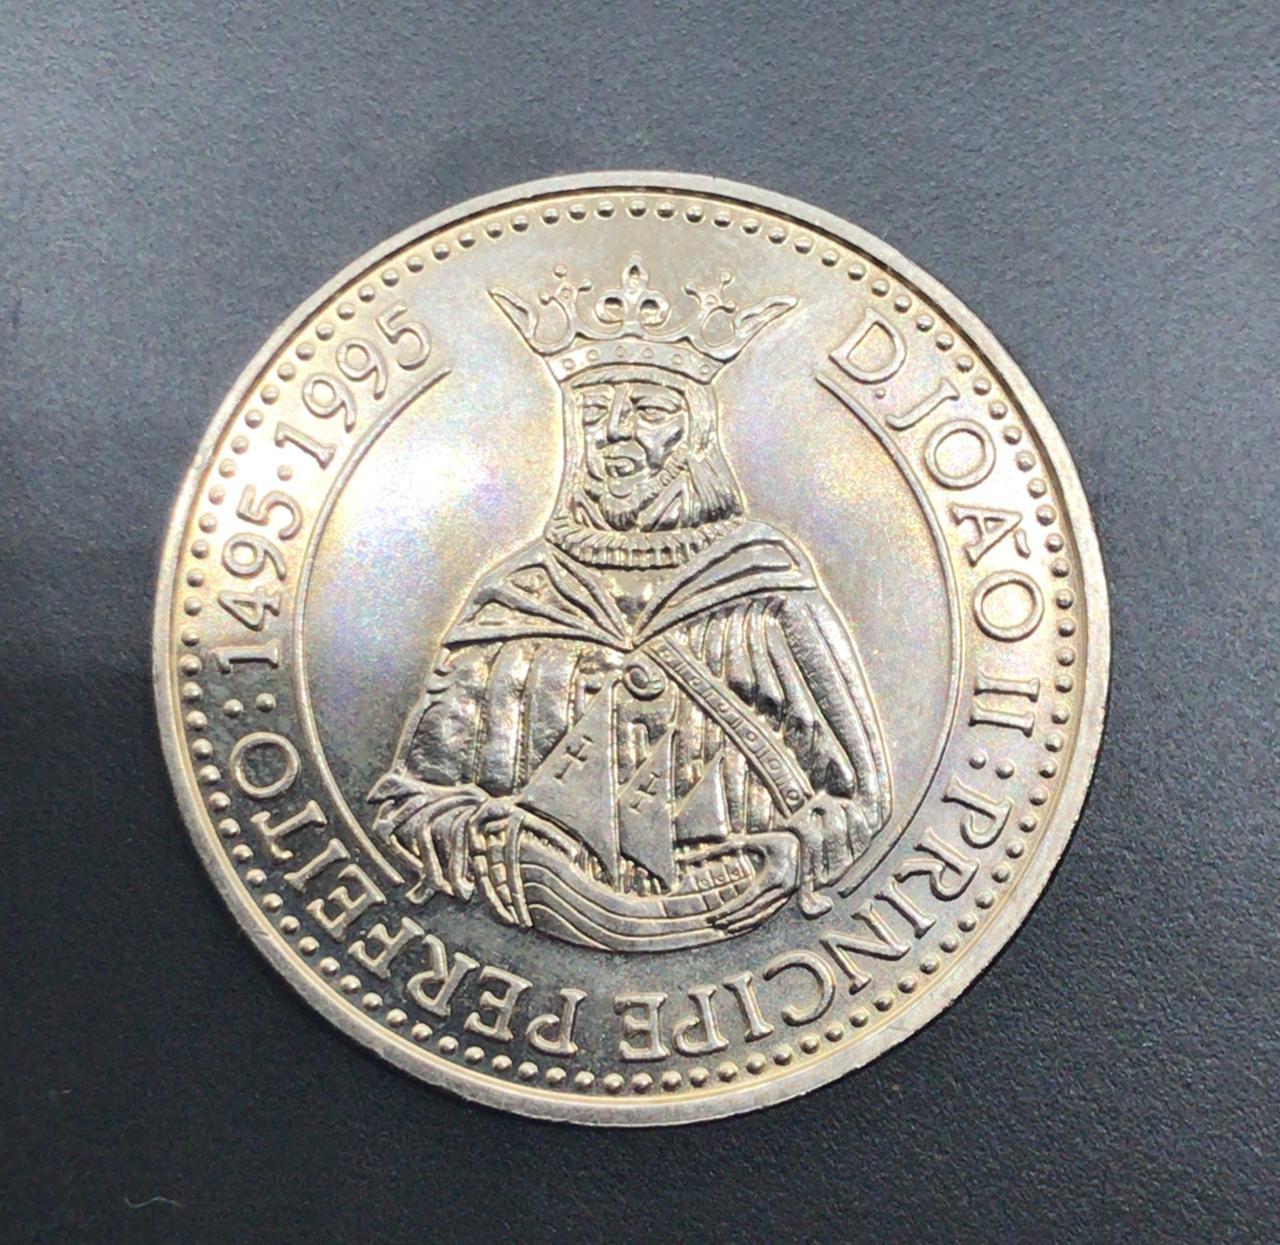 Moeda de Portugal 200 Escudos - D. João II: Príncipe perfeito 1495-1995